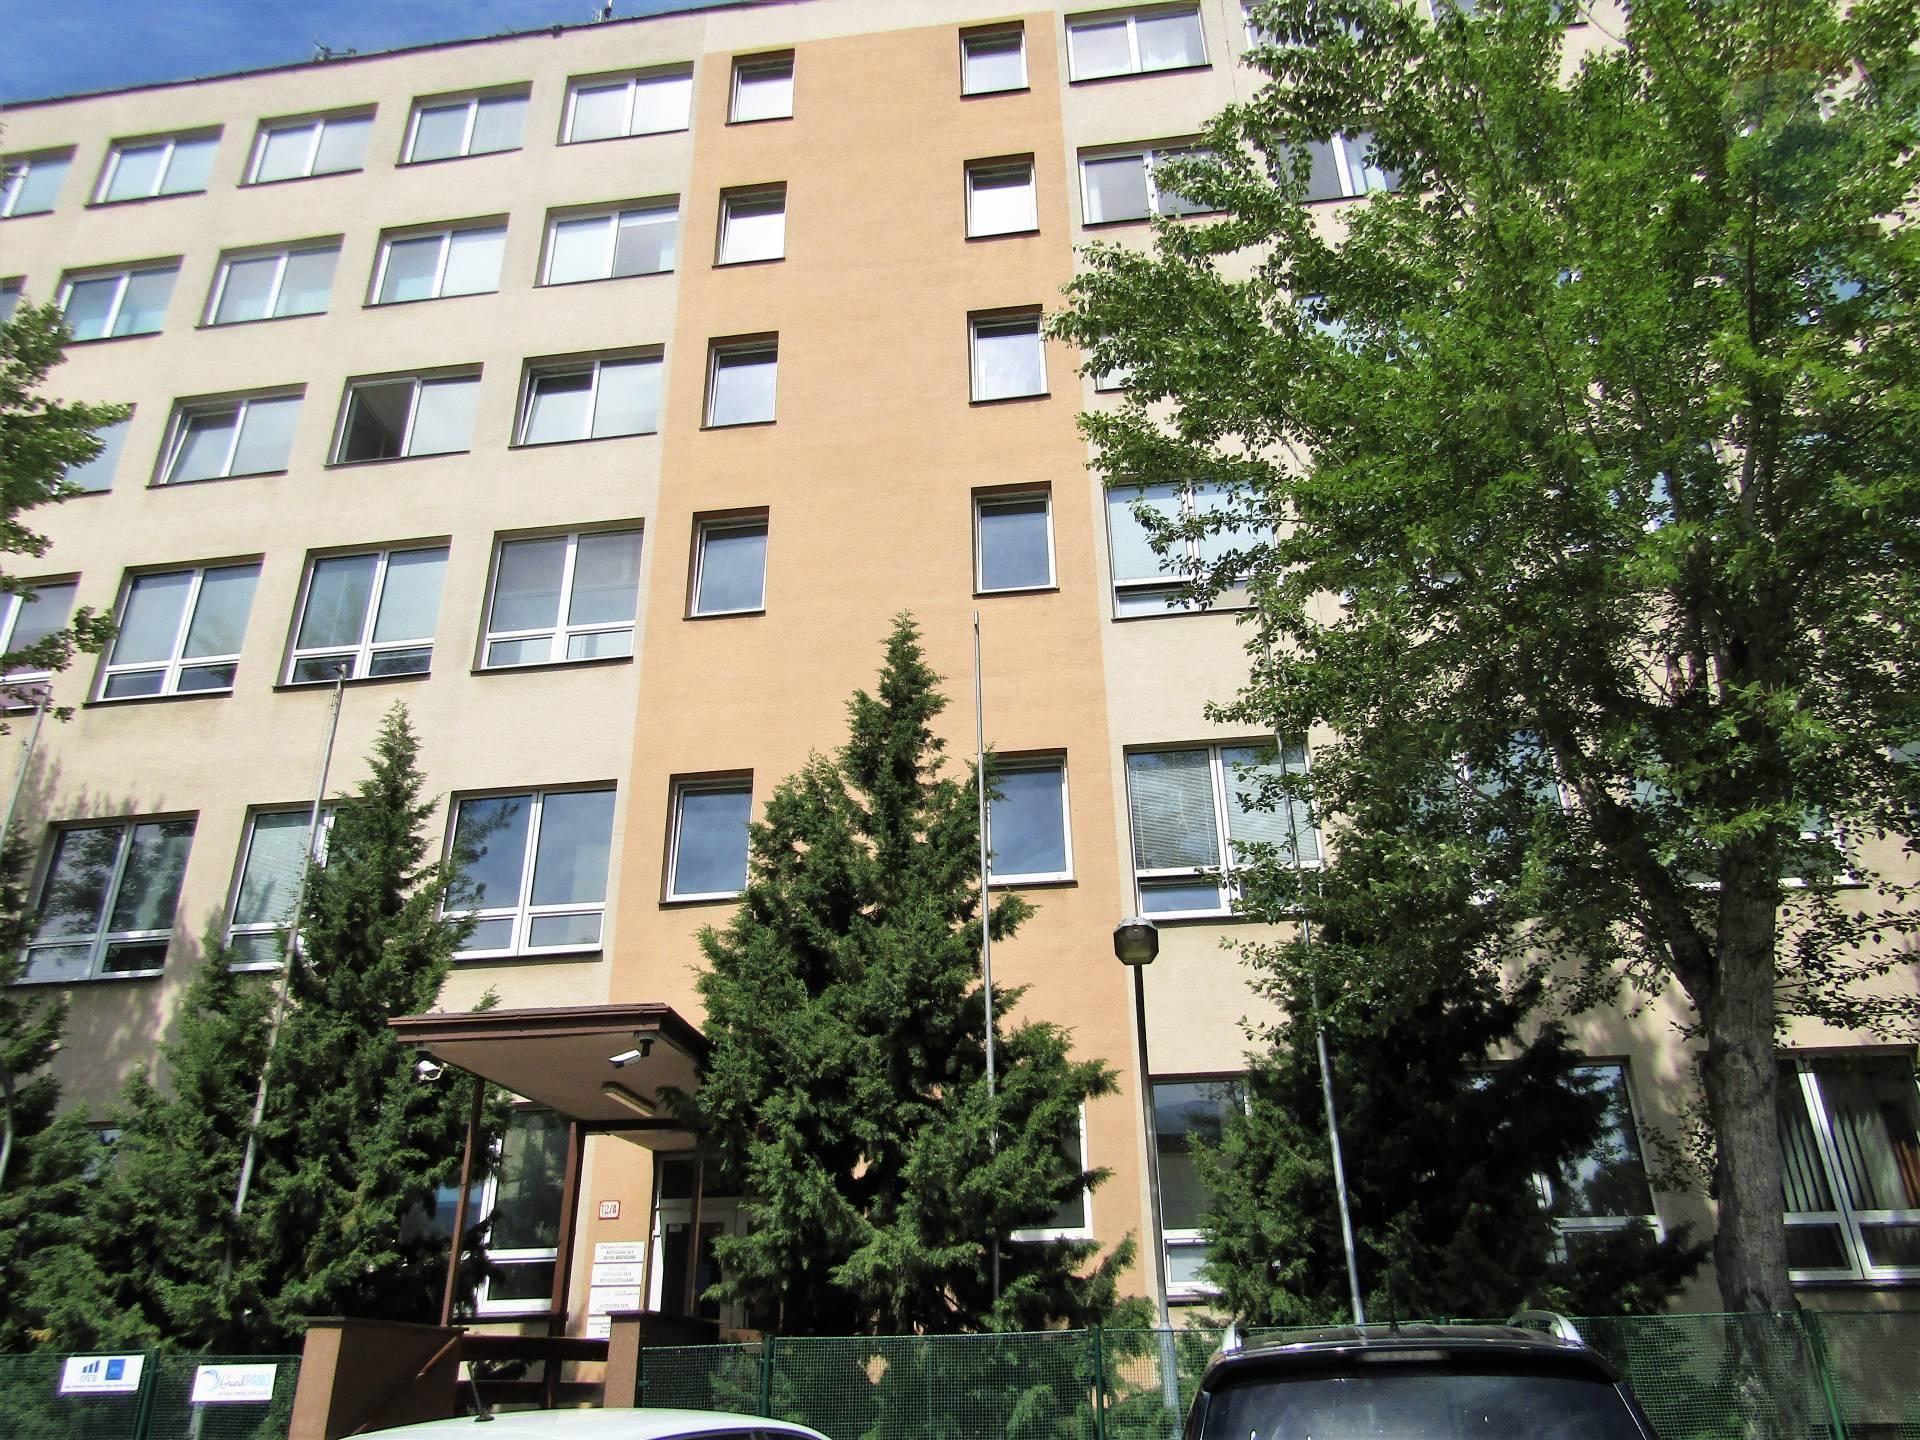 Prenájom 2 samostatné kancelárie, každá o výmere 20 m2, Hattalova ul., BAIII -Nové Mesto